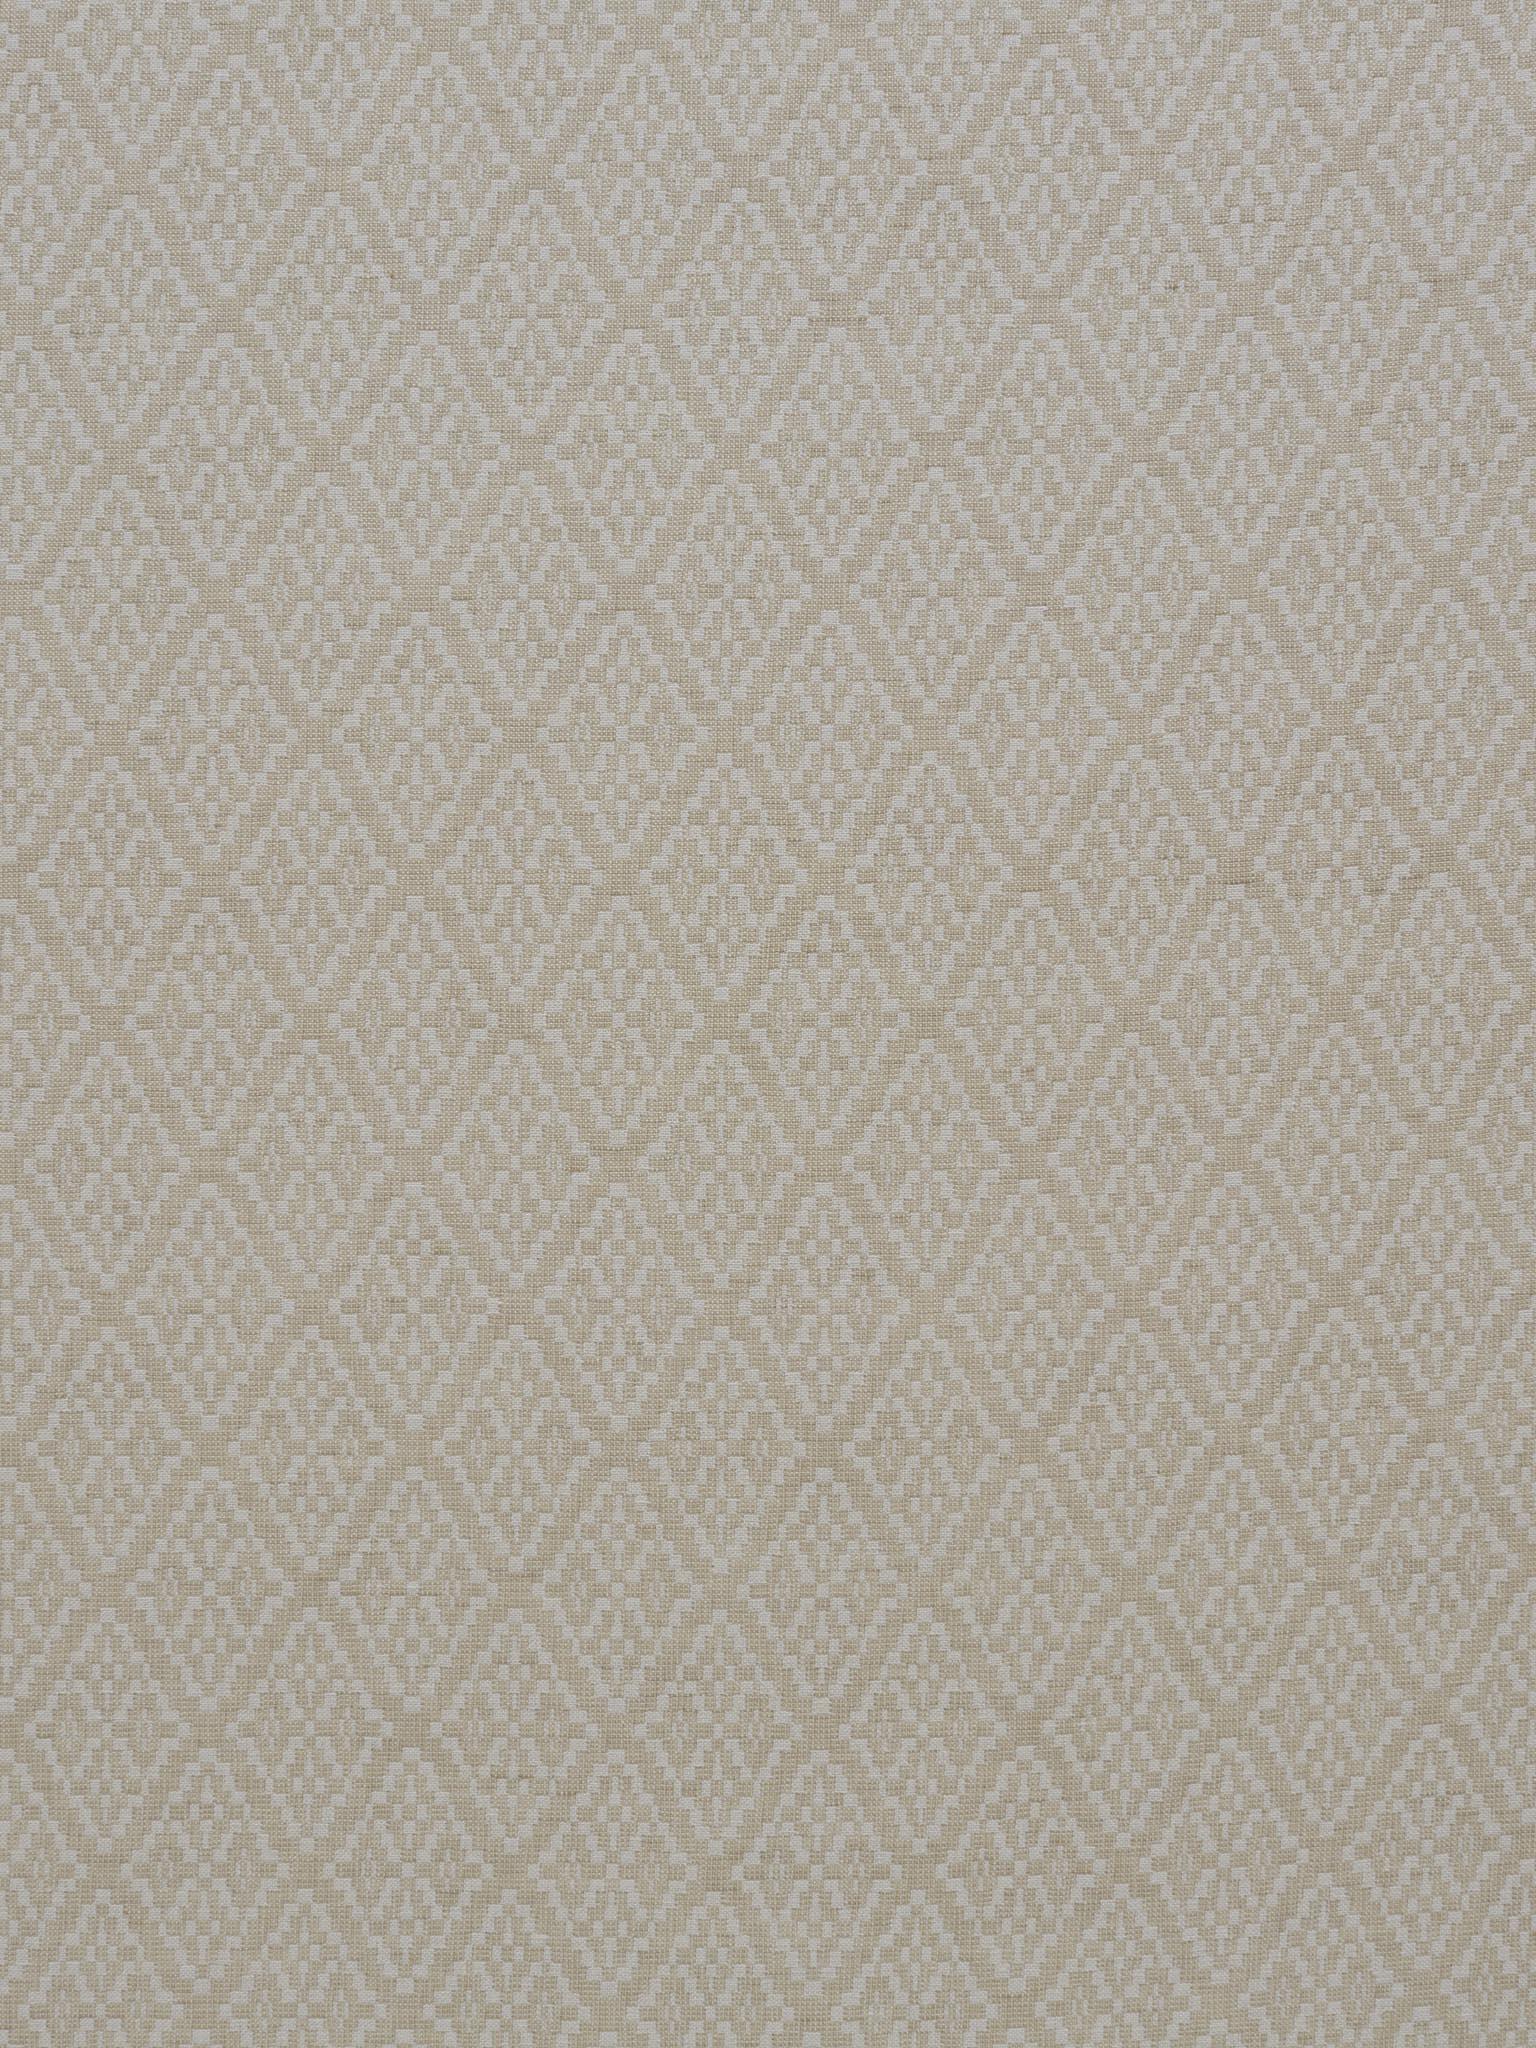 Lace Diamond DE92085/EE